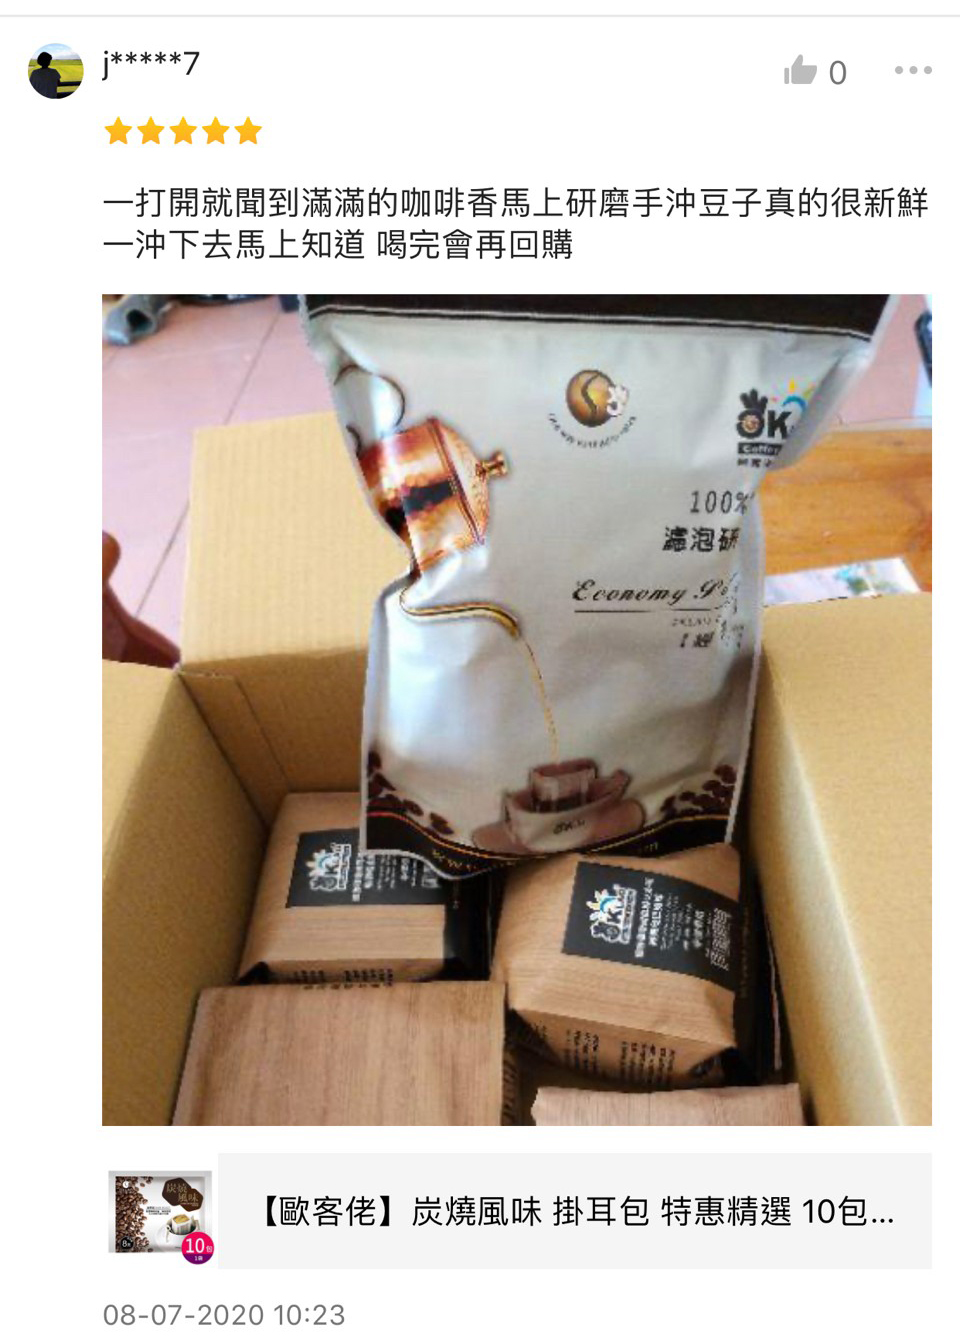 【歐客佬】炭燒風味 掛耳包 特惠精選 10包/袋 (商品貨號:41010283) OKLAO 咖啡豆 掛耳 一打開就聞到滿滿的咖啡香馬上研磨手沖豆子真的很新鮮一沖下去馬上知道 喝完會再回購